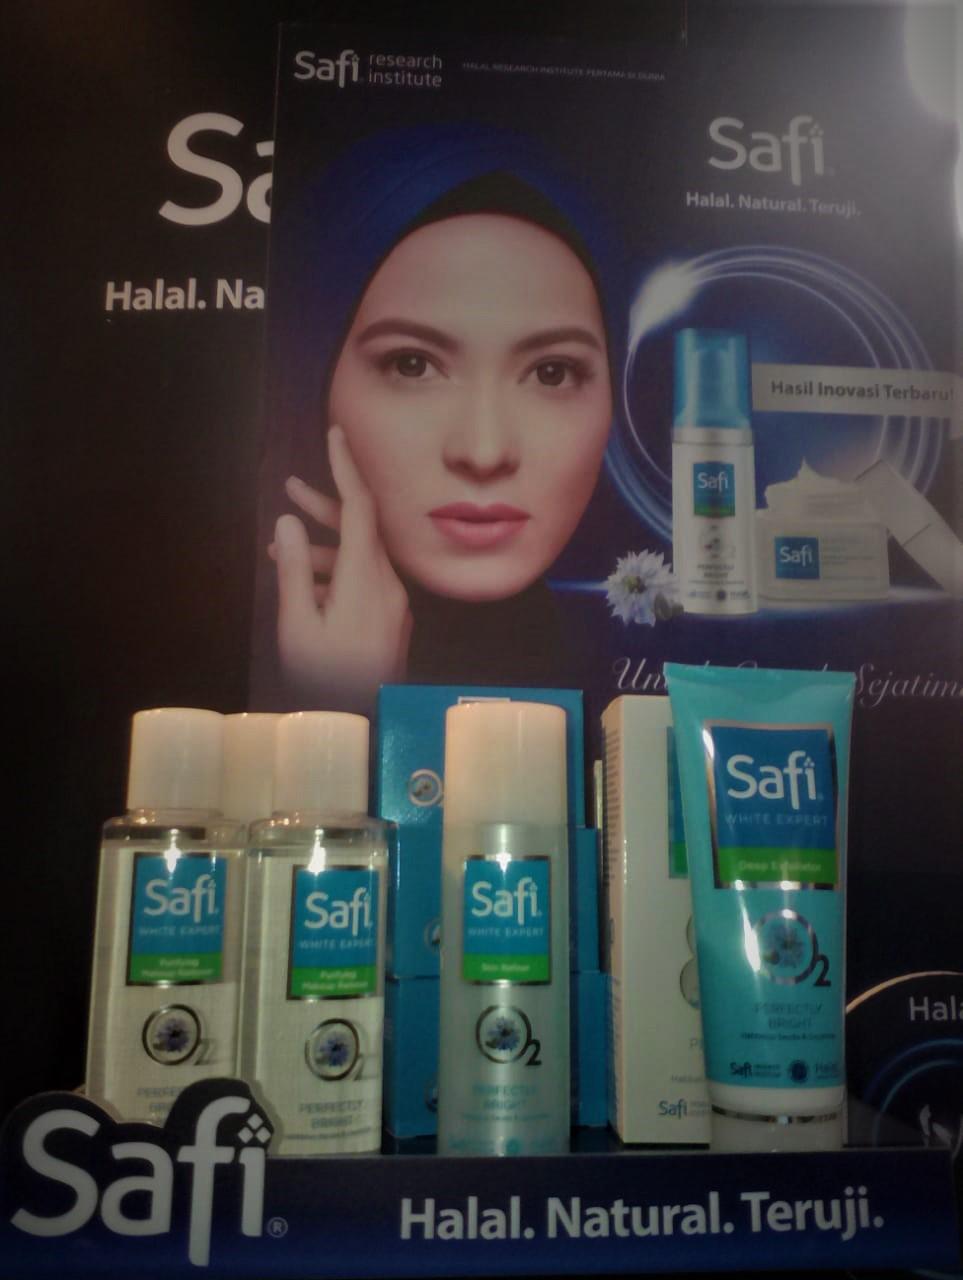 Memilih Skincare Untuk Perawatan Wajah Ala Safi Kebun Ceu Meta